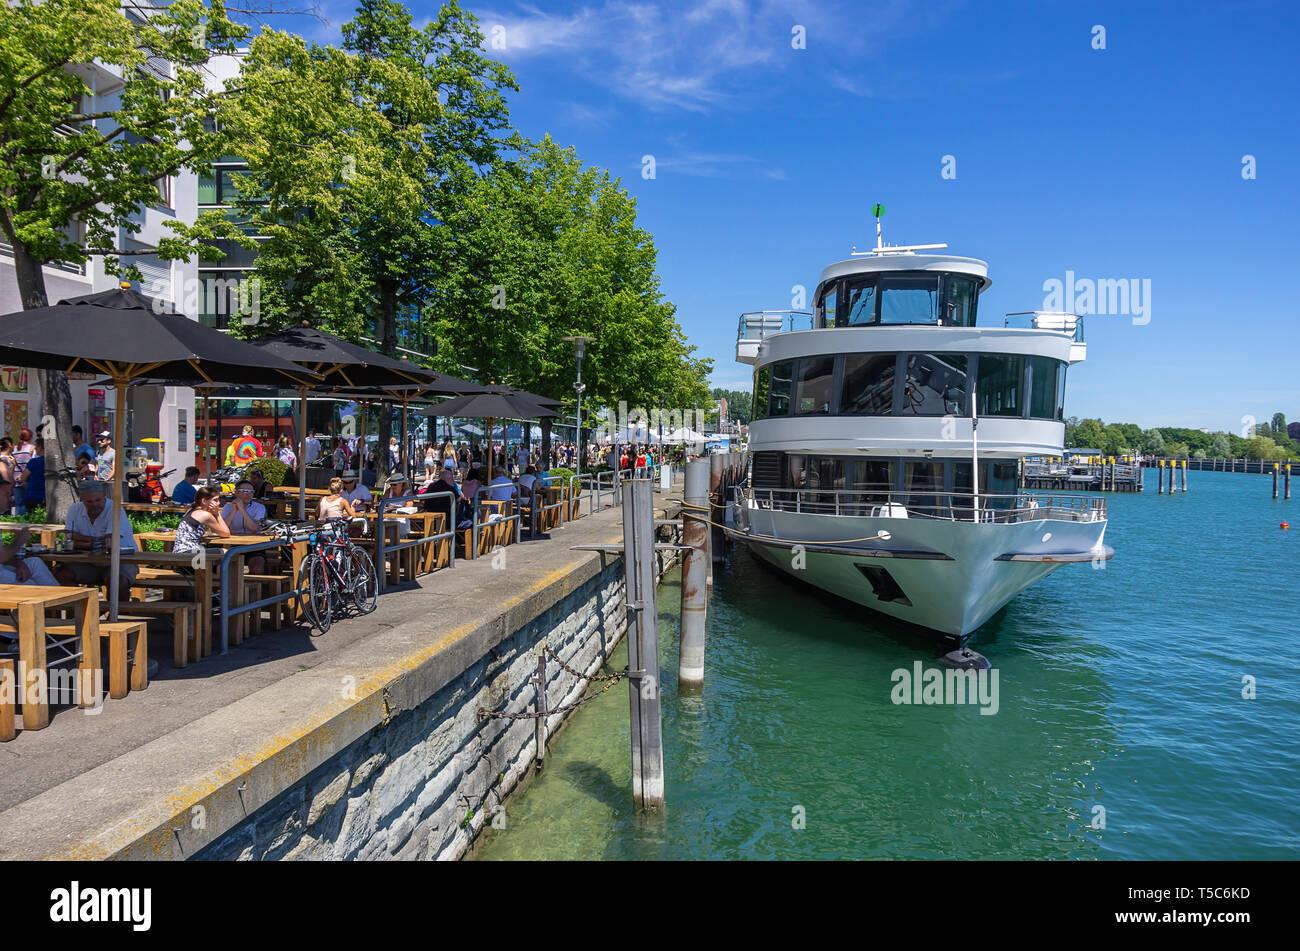 Street Scene mit Restaurant an der Seepromenade mit angedockten Schiff, Friedrichshafen am Bodensee, Baden-Württemberg, Deutschland, Europa. Stockbild